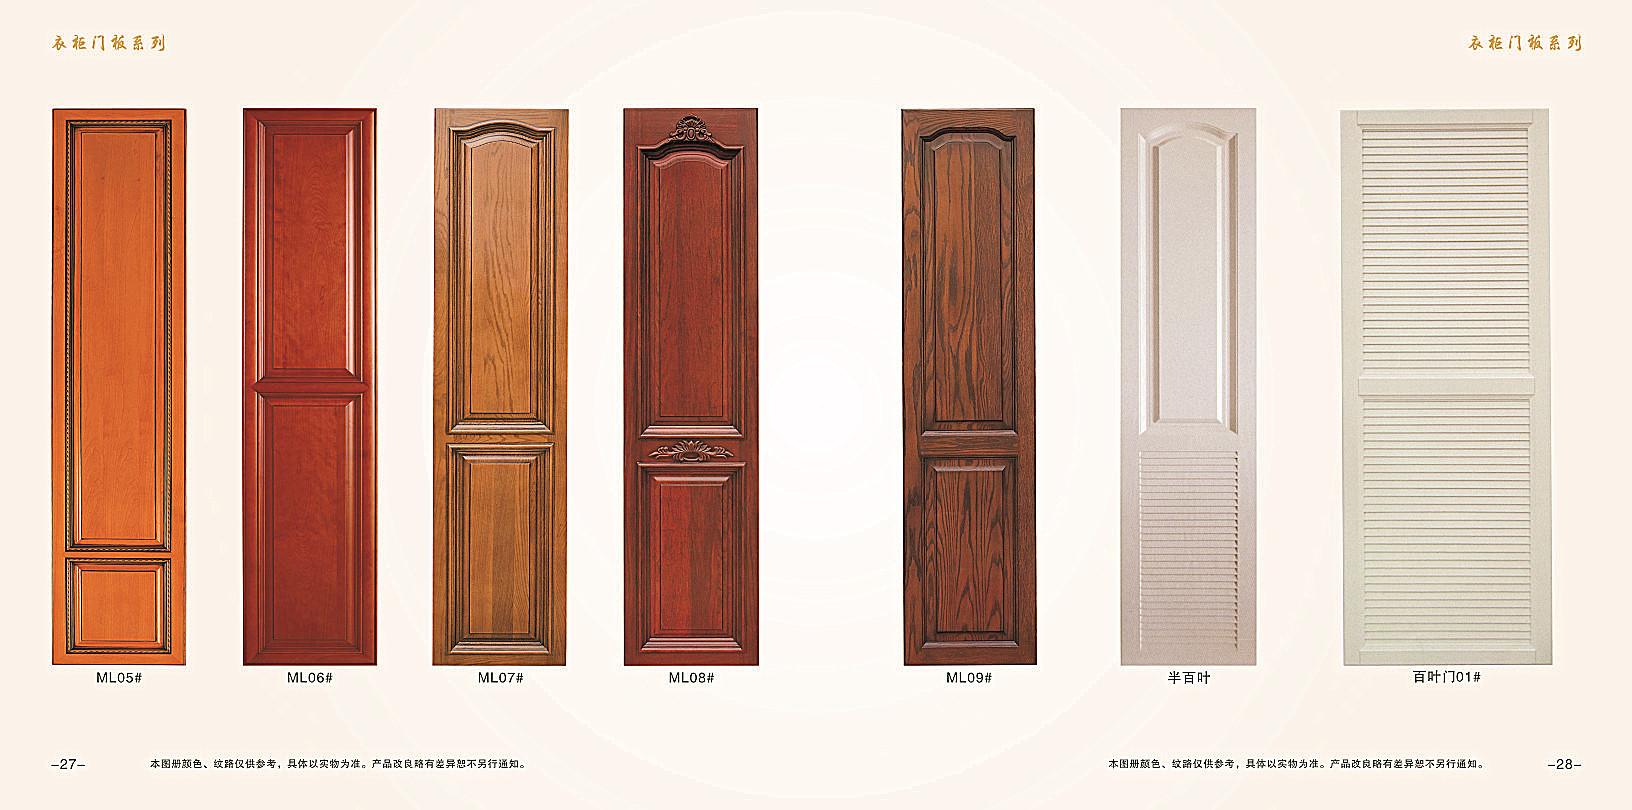 名流卧室整体实木衣柜定制简易欧式衣柜组合衣柜门衣帽间全屋定制